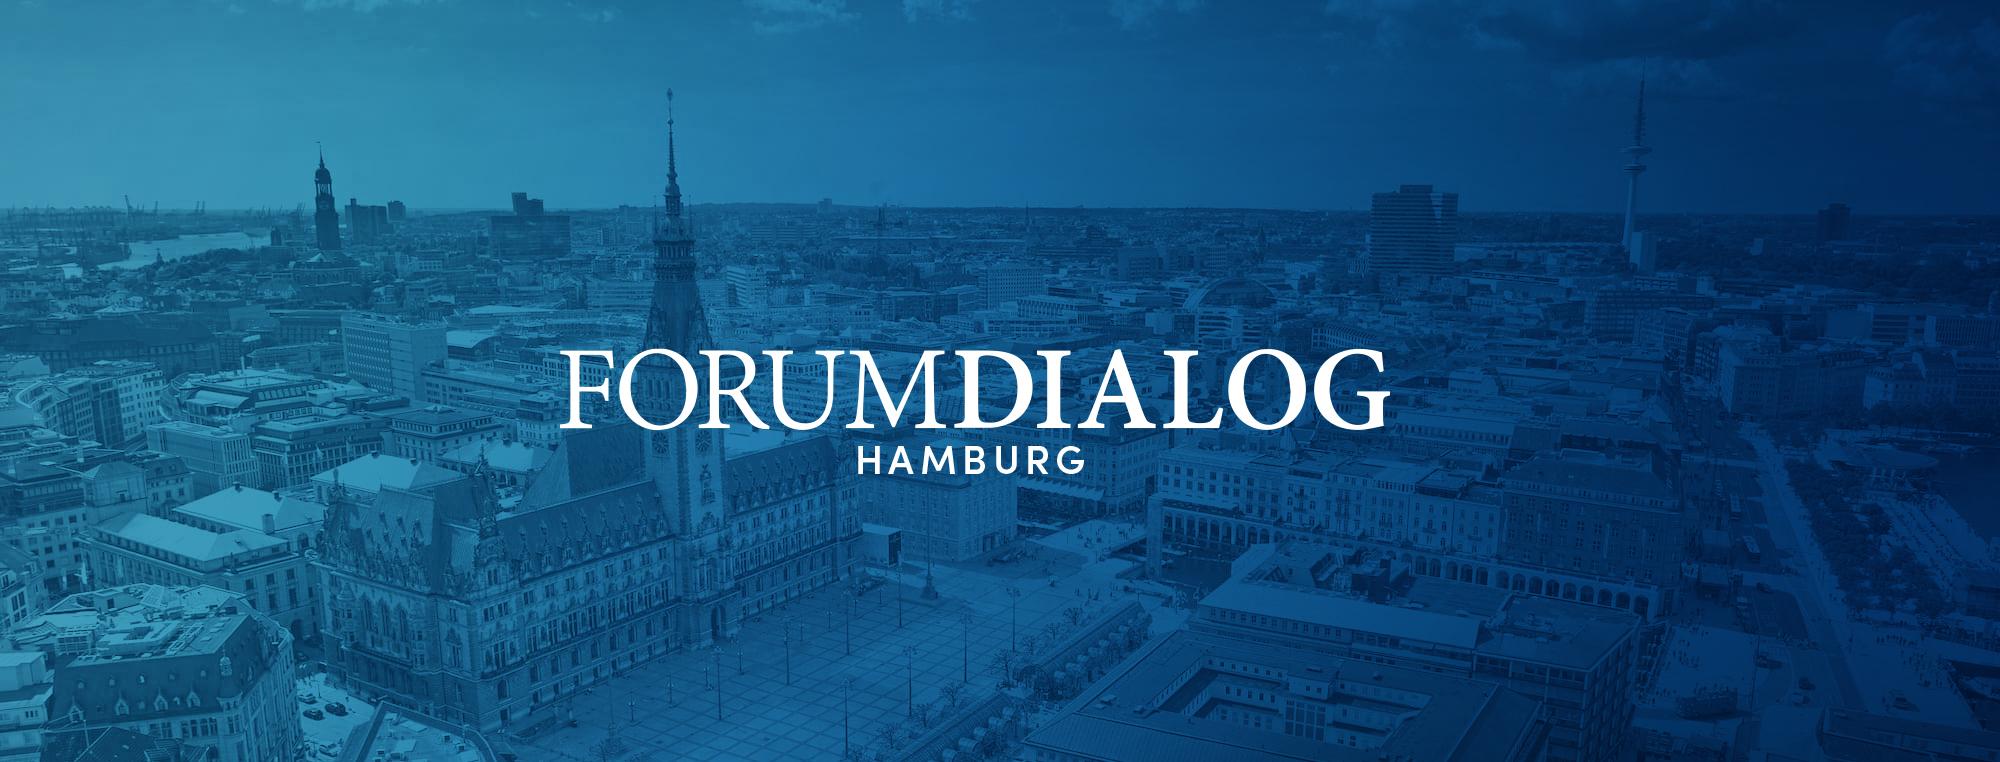 forumdialog hamburg